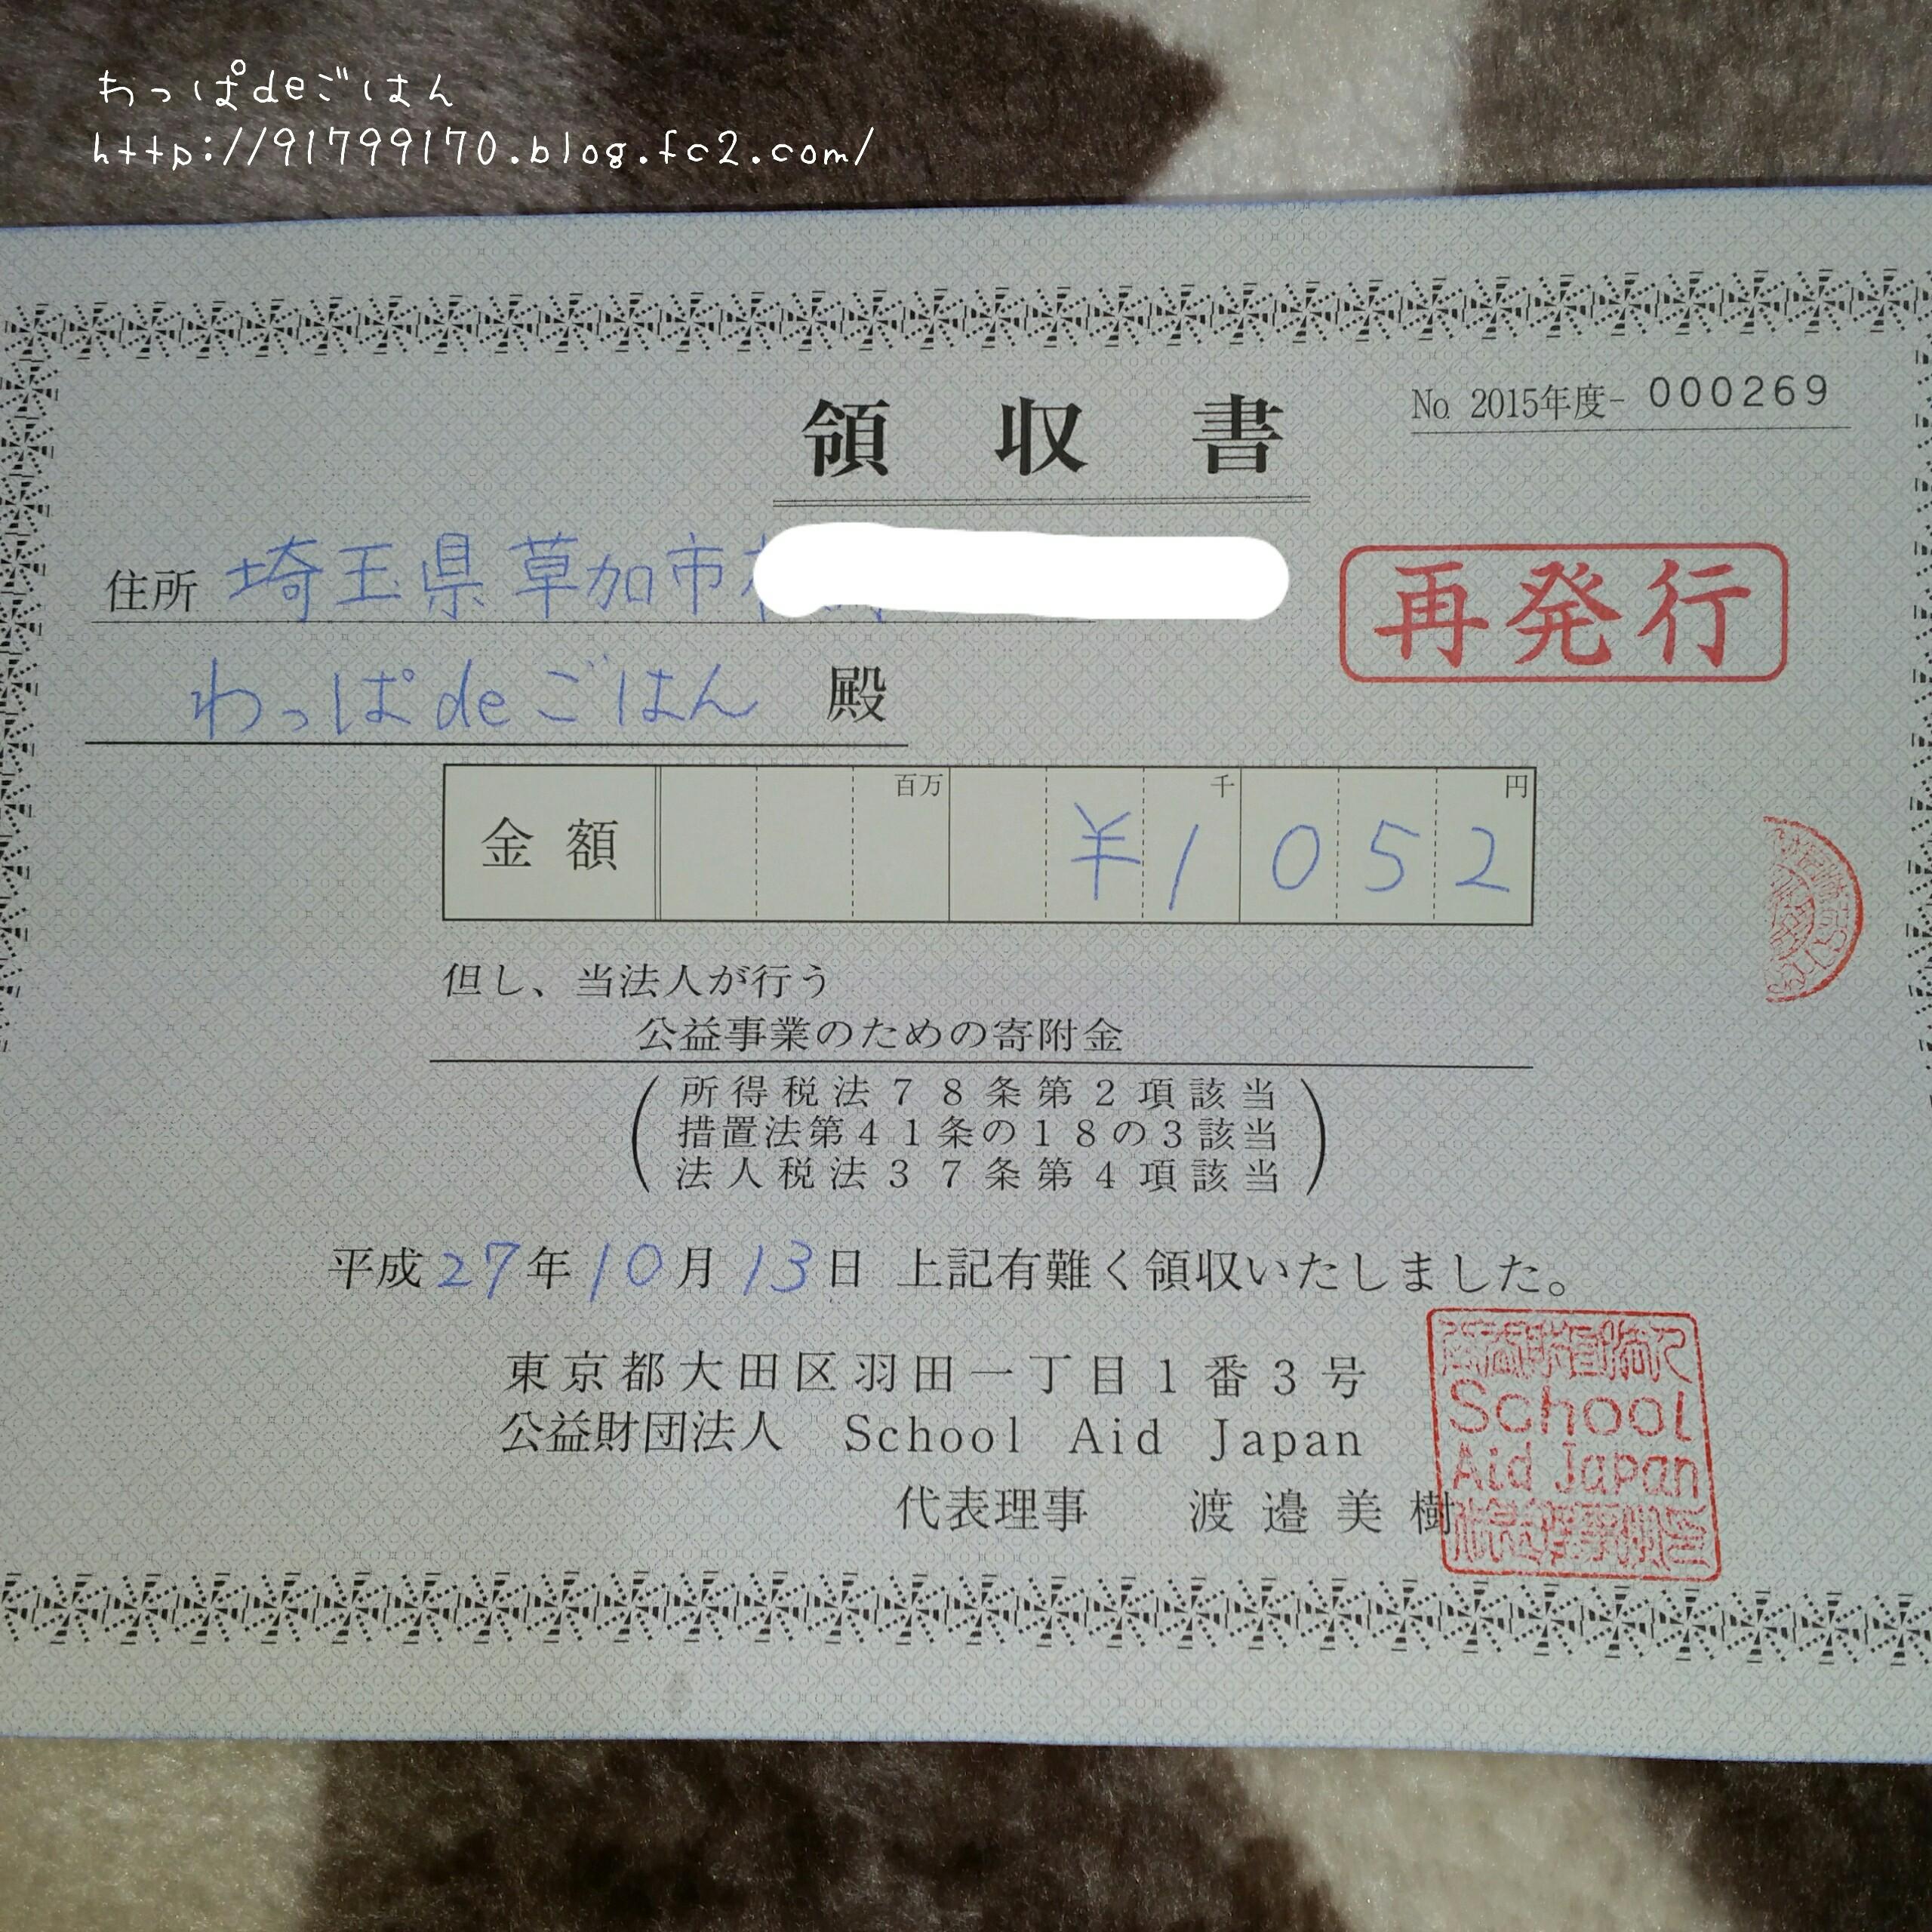 寄付金の領収書